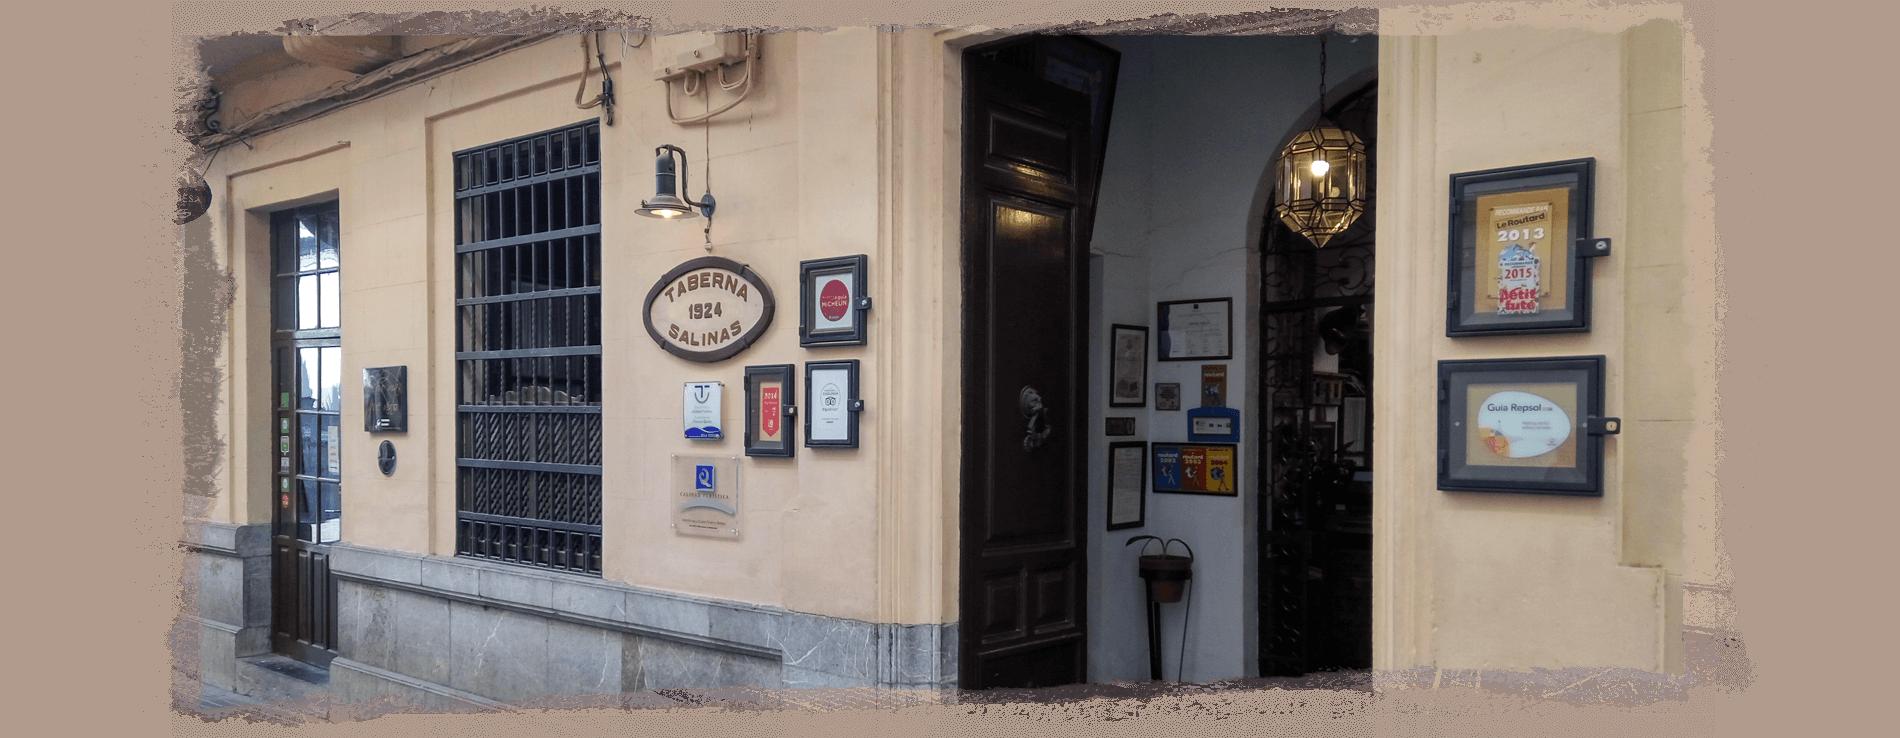 Taberna Salinas en Córdoba